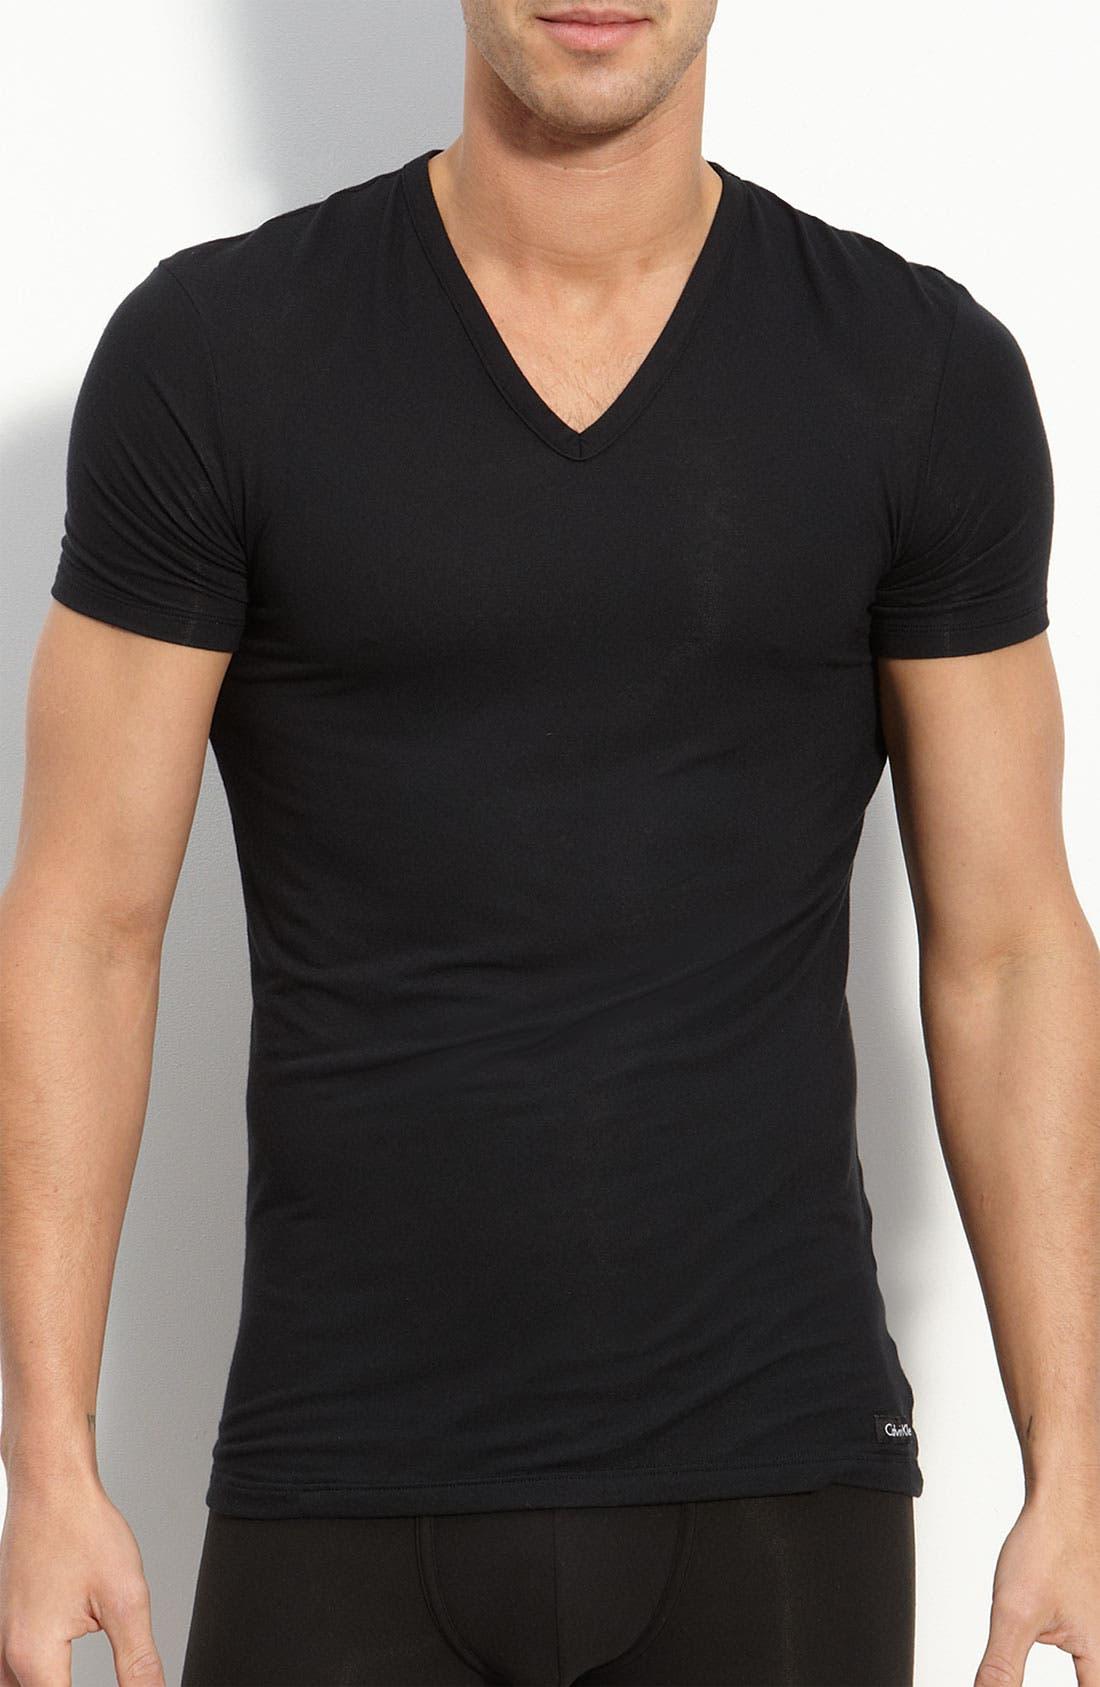 Alternate Image 1 Selected - Calvin Klein 'U5563' V-Neck Micromodal T-Shirt